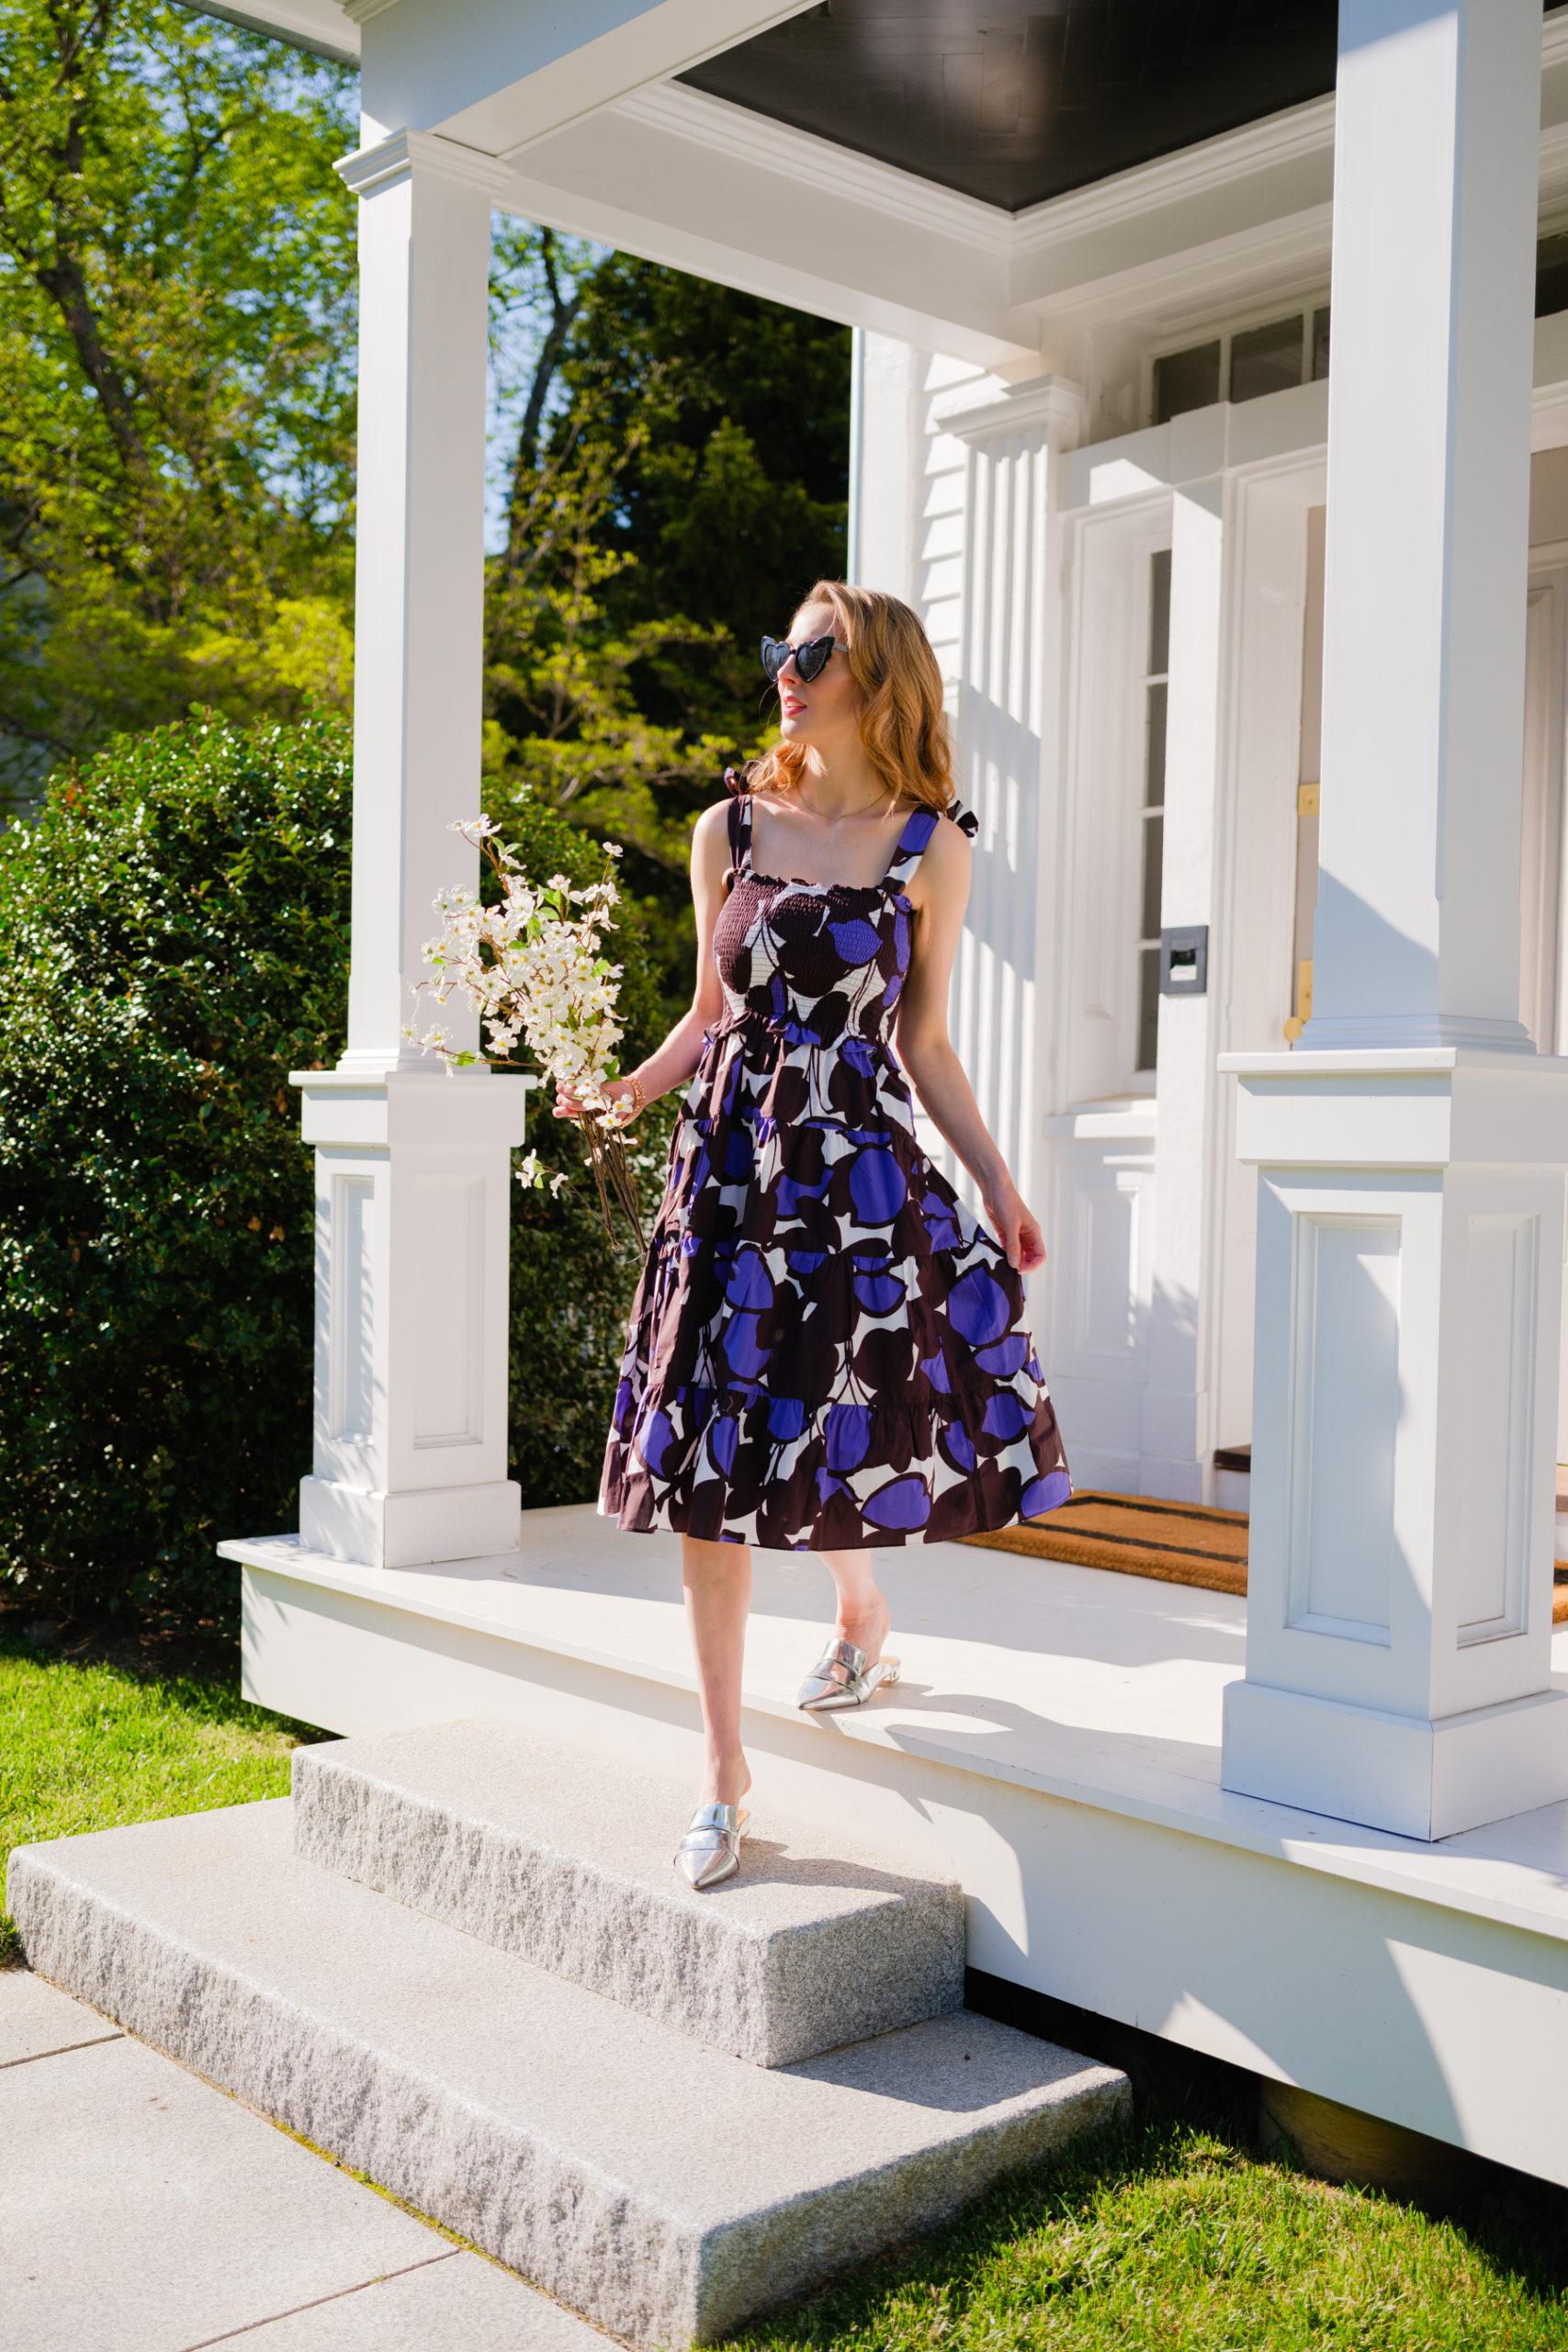 Eva Amurri shares her summer dress edit